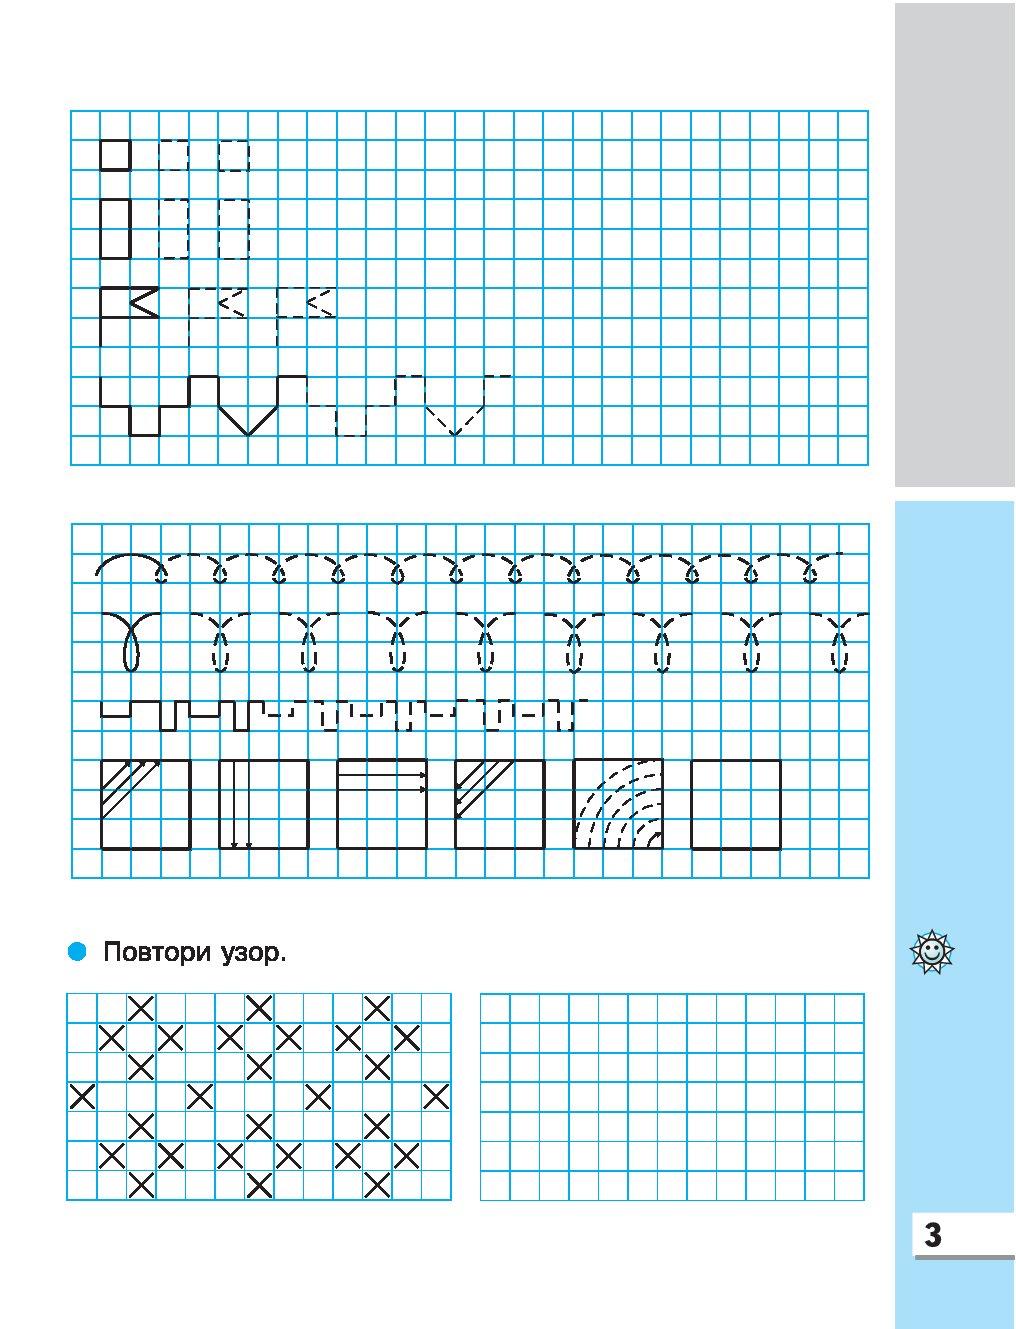 Решебник букварю прописи 1 класс к андриановой